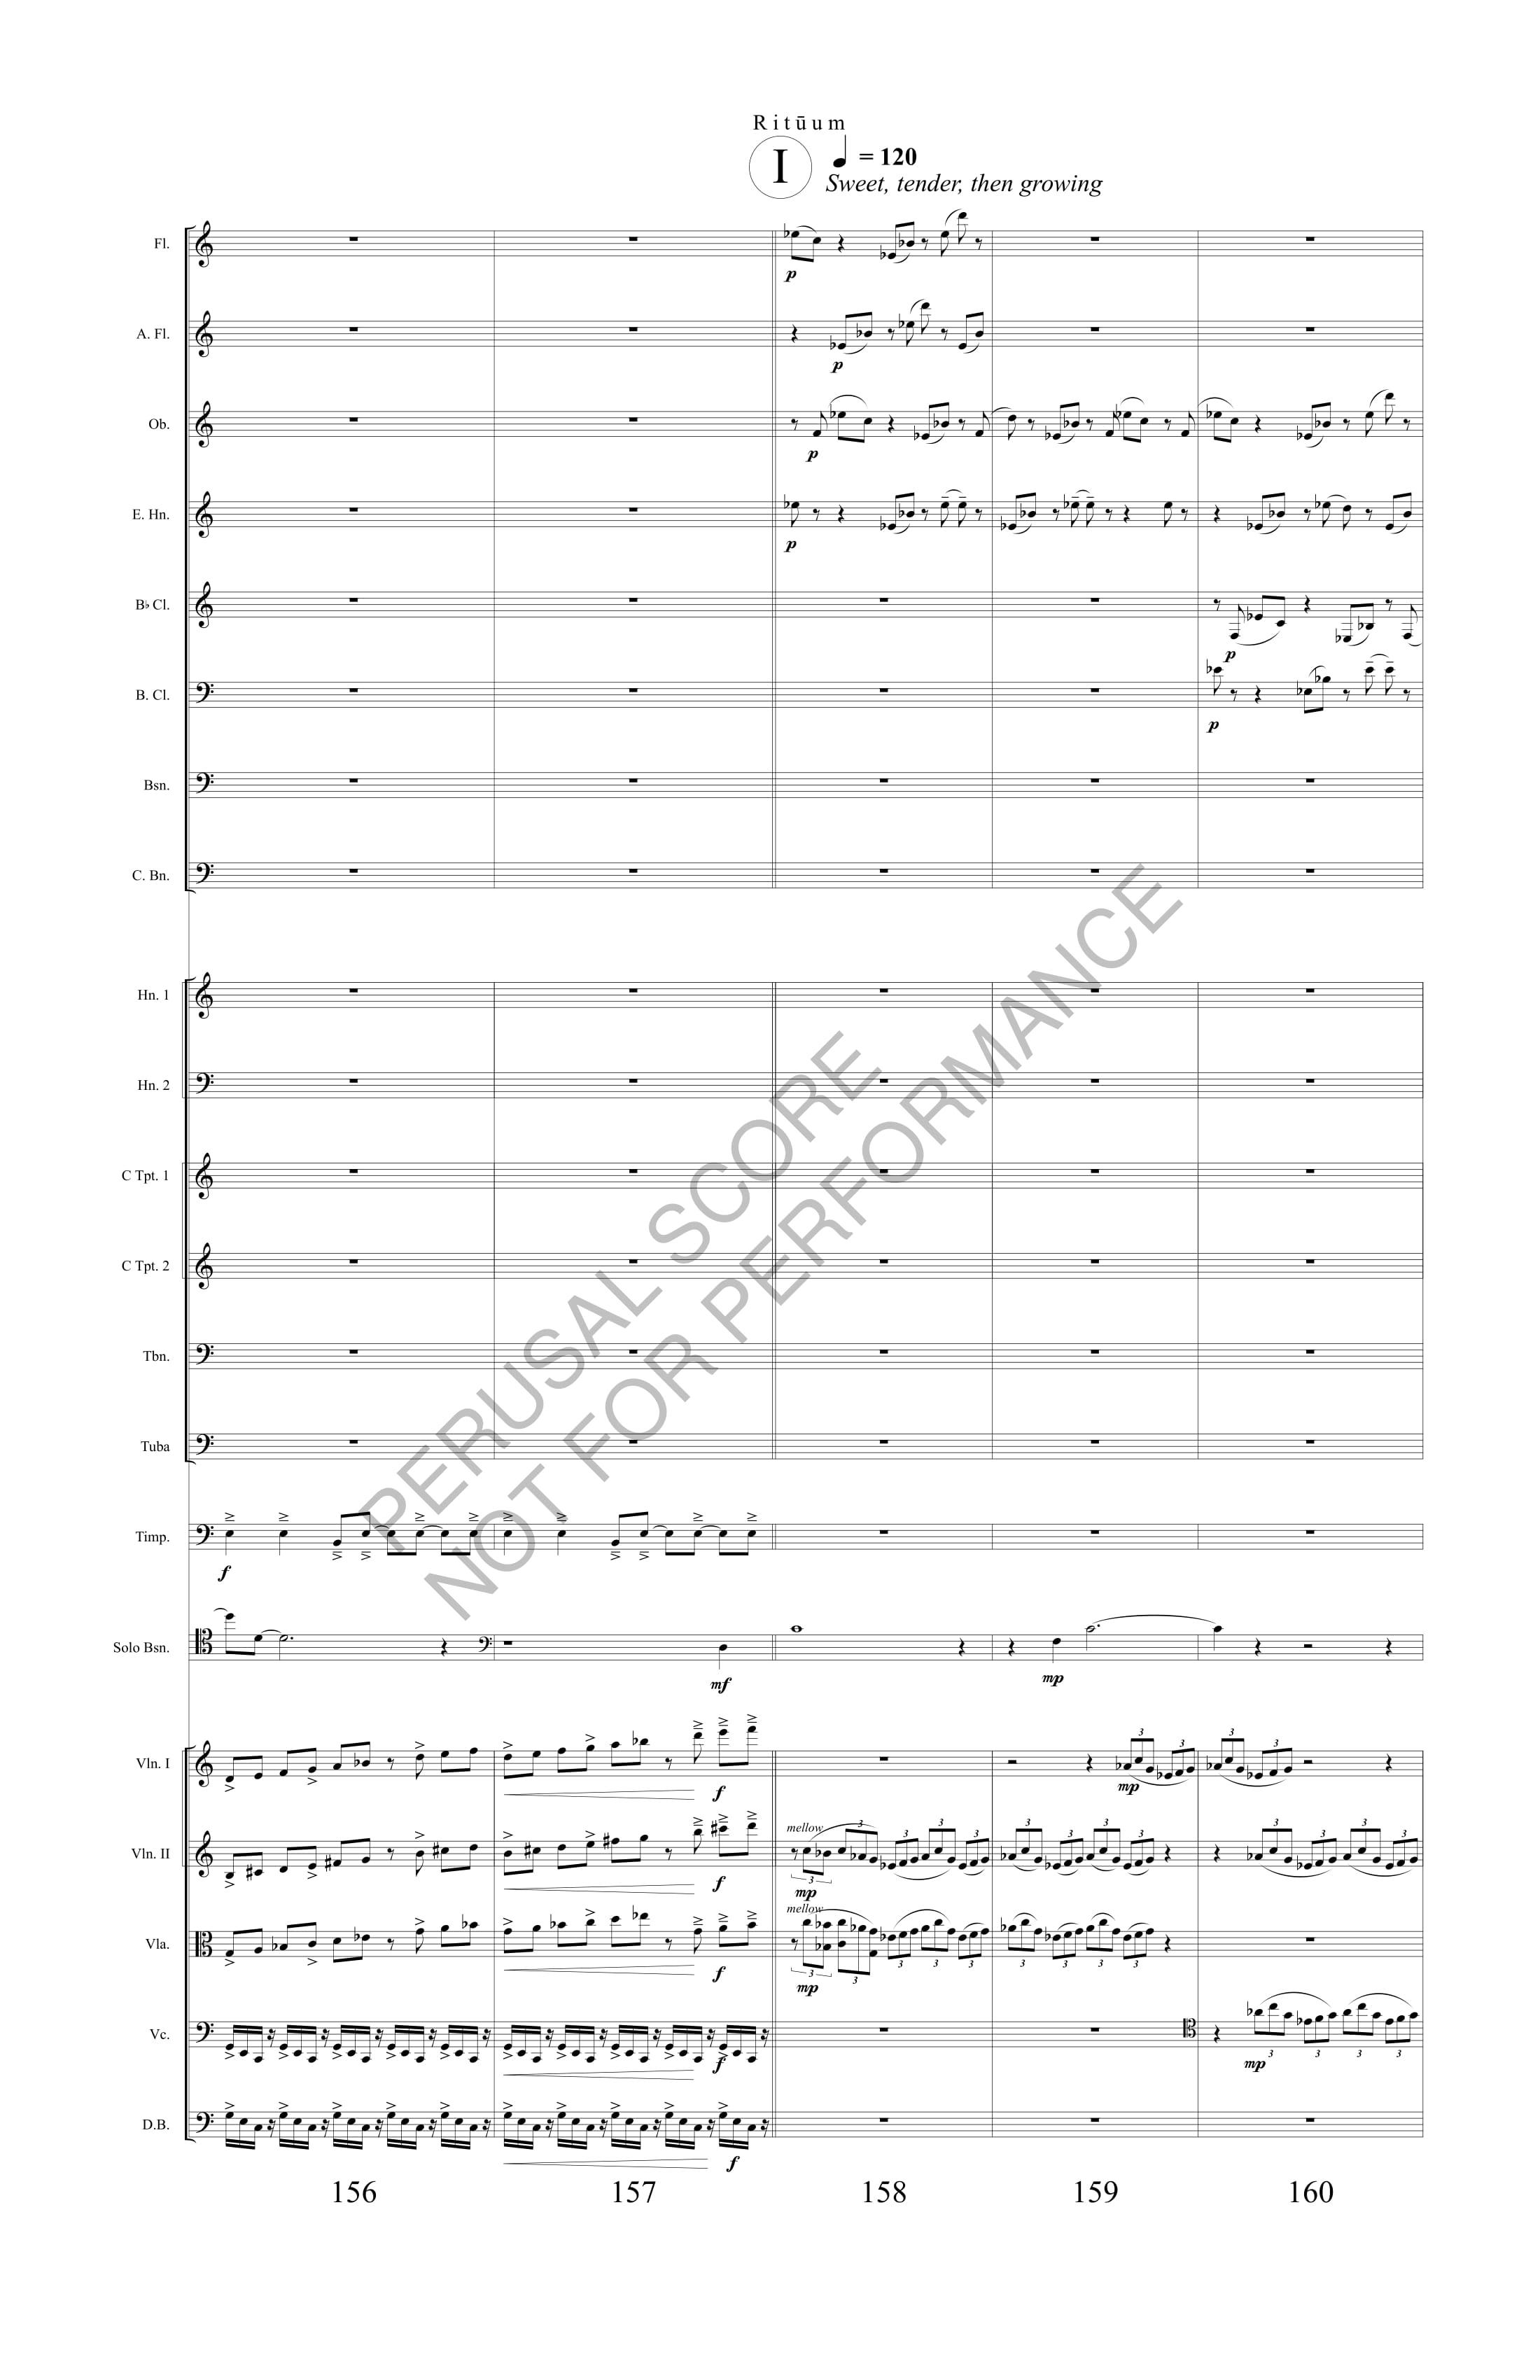 Boyd Rituum Score-watermark (1)-38.jpg